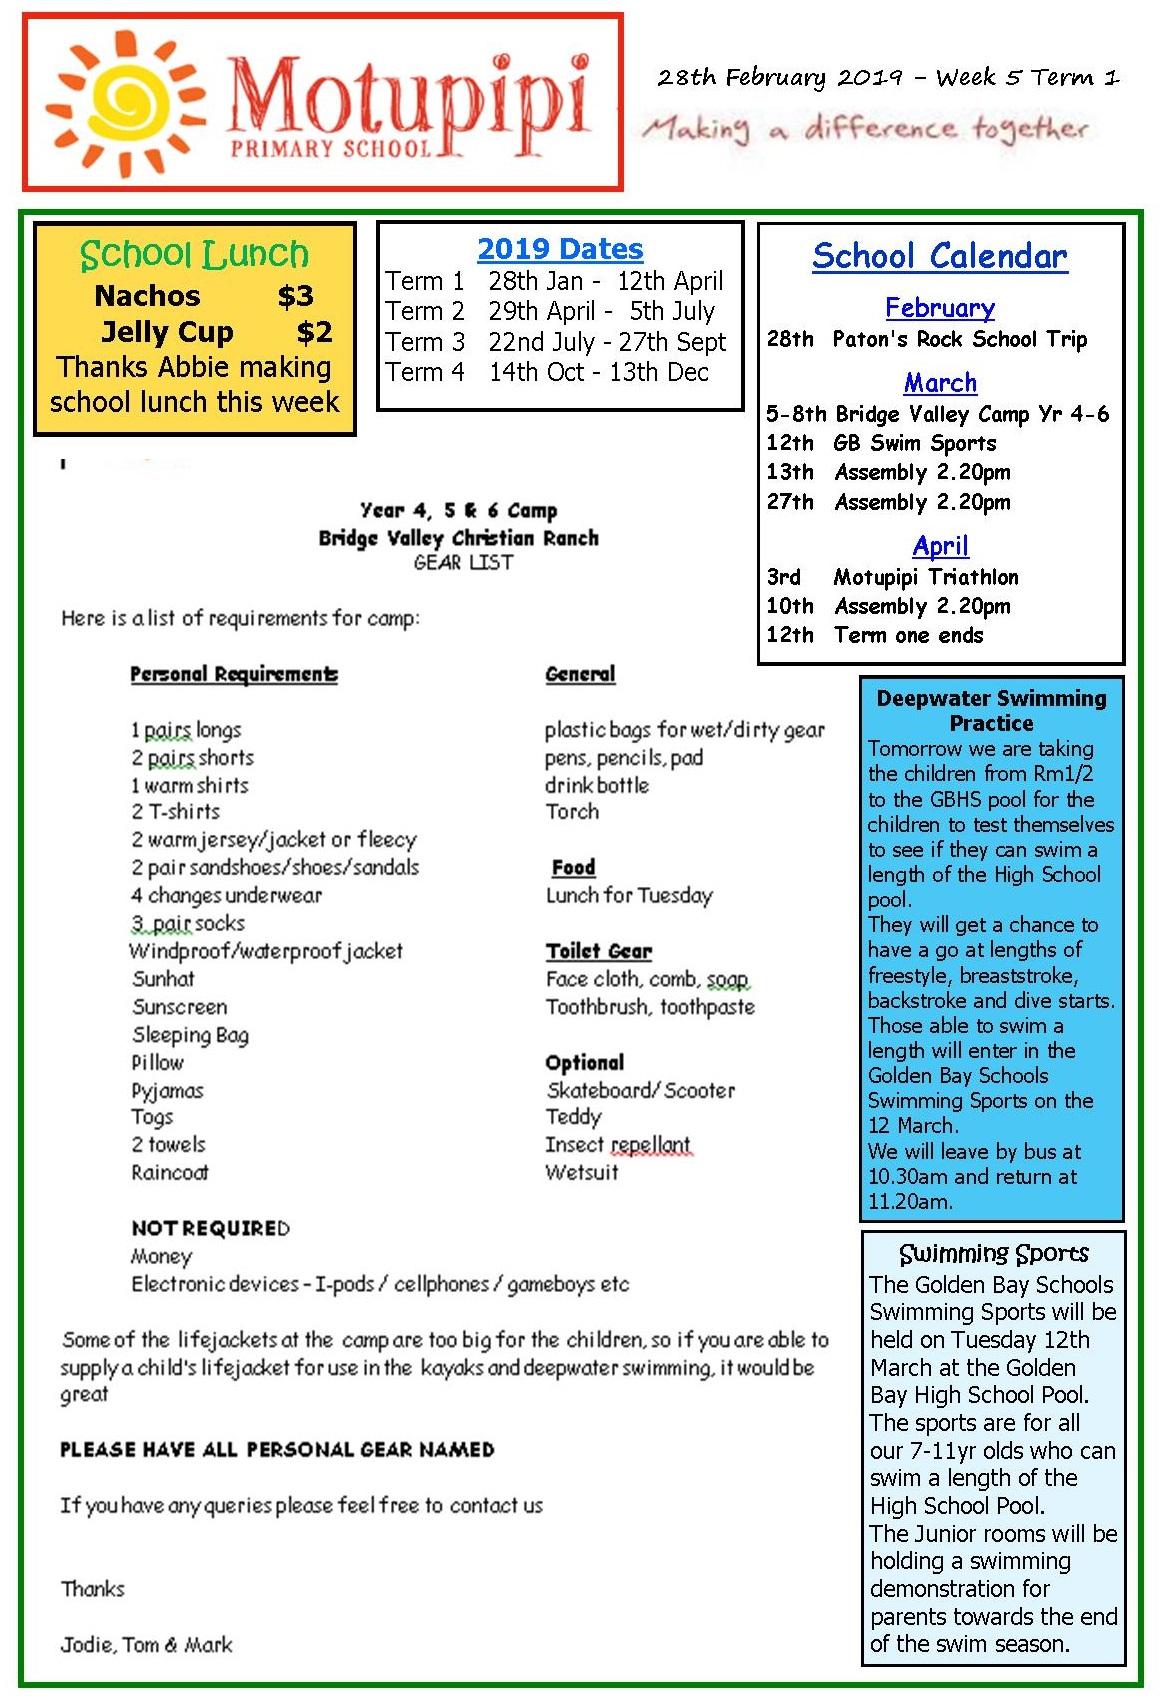 28th Feb Page 1.jpg